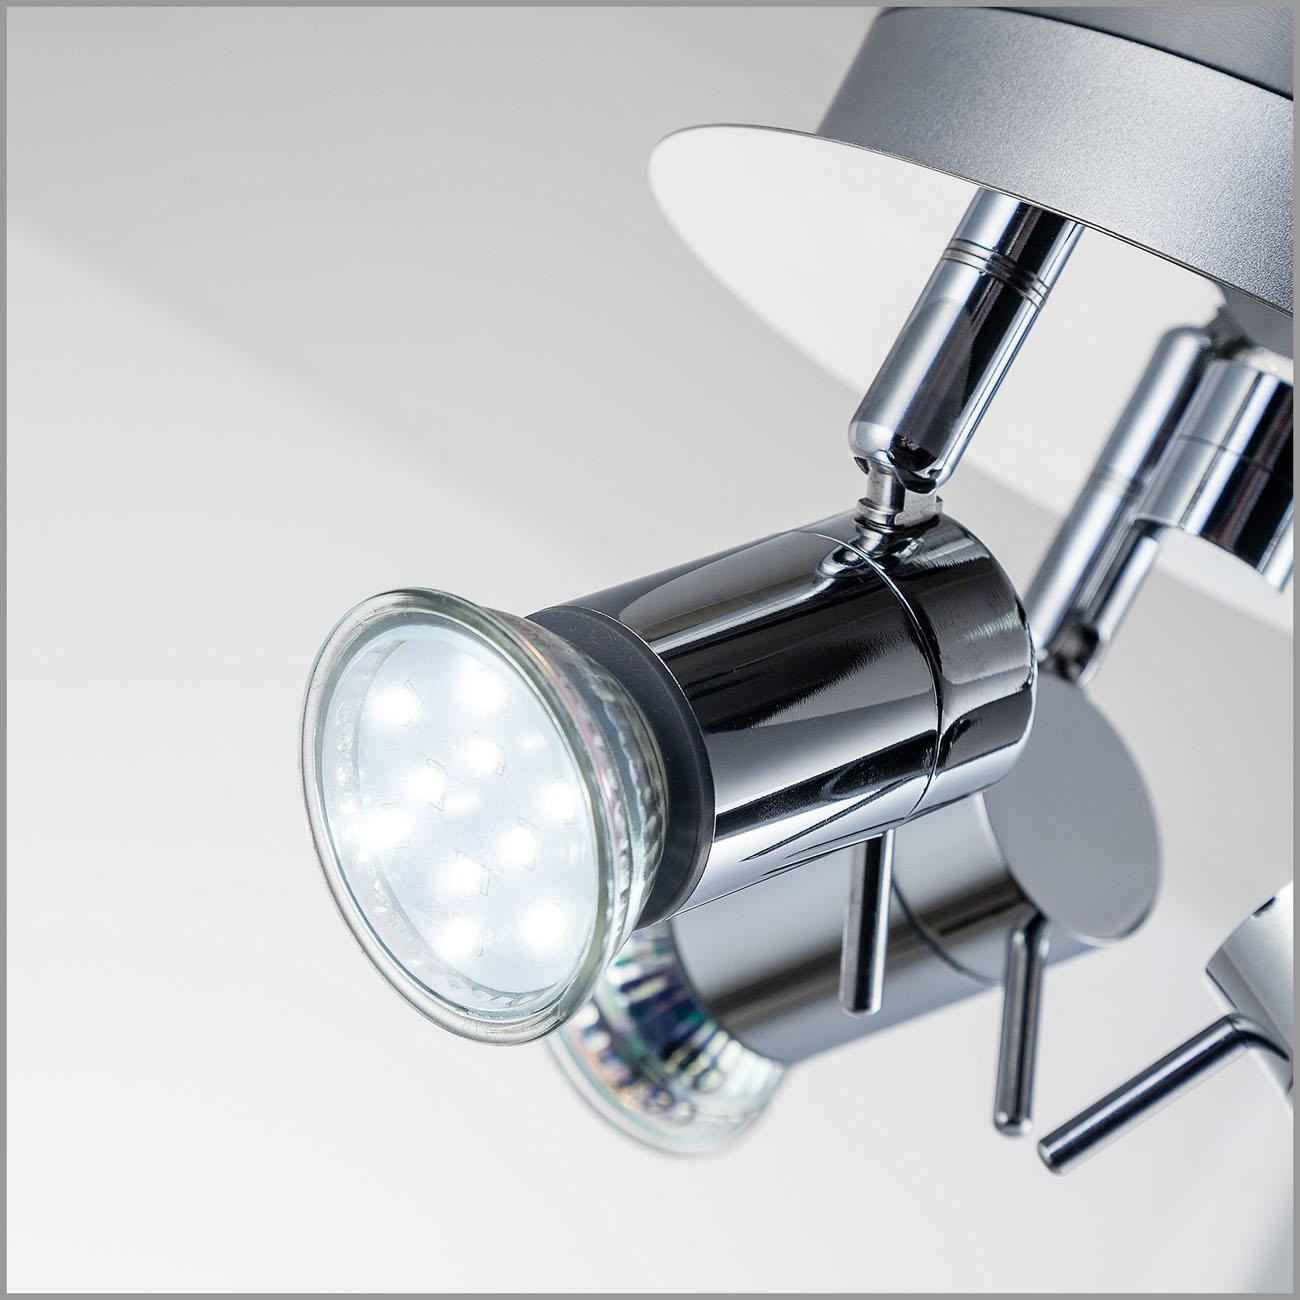 LED Deckenleuchte Badleuchte 3-flammig IPP44 glänzend - 5